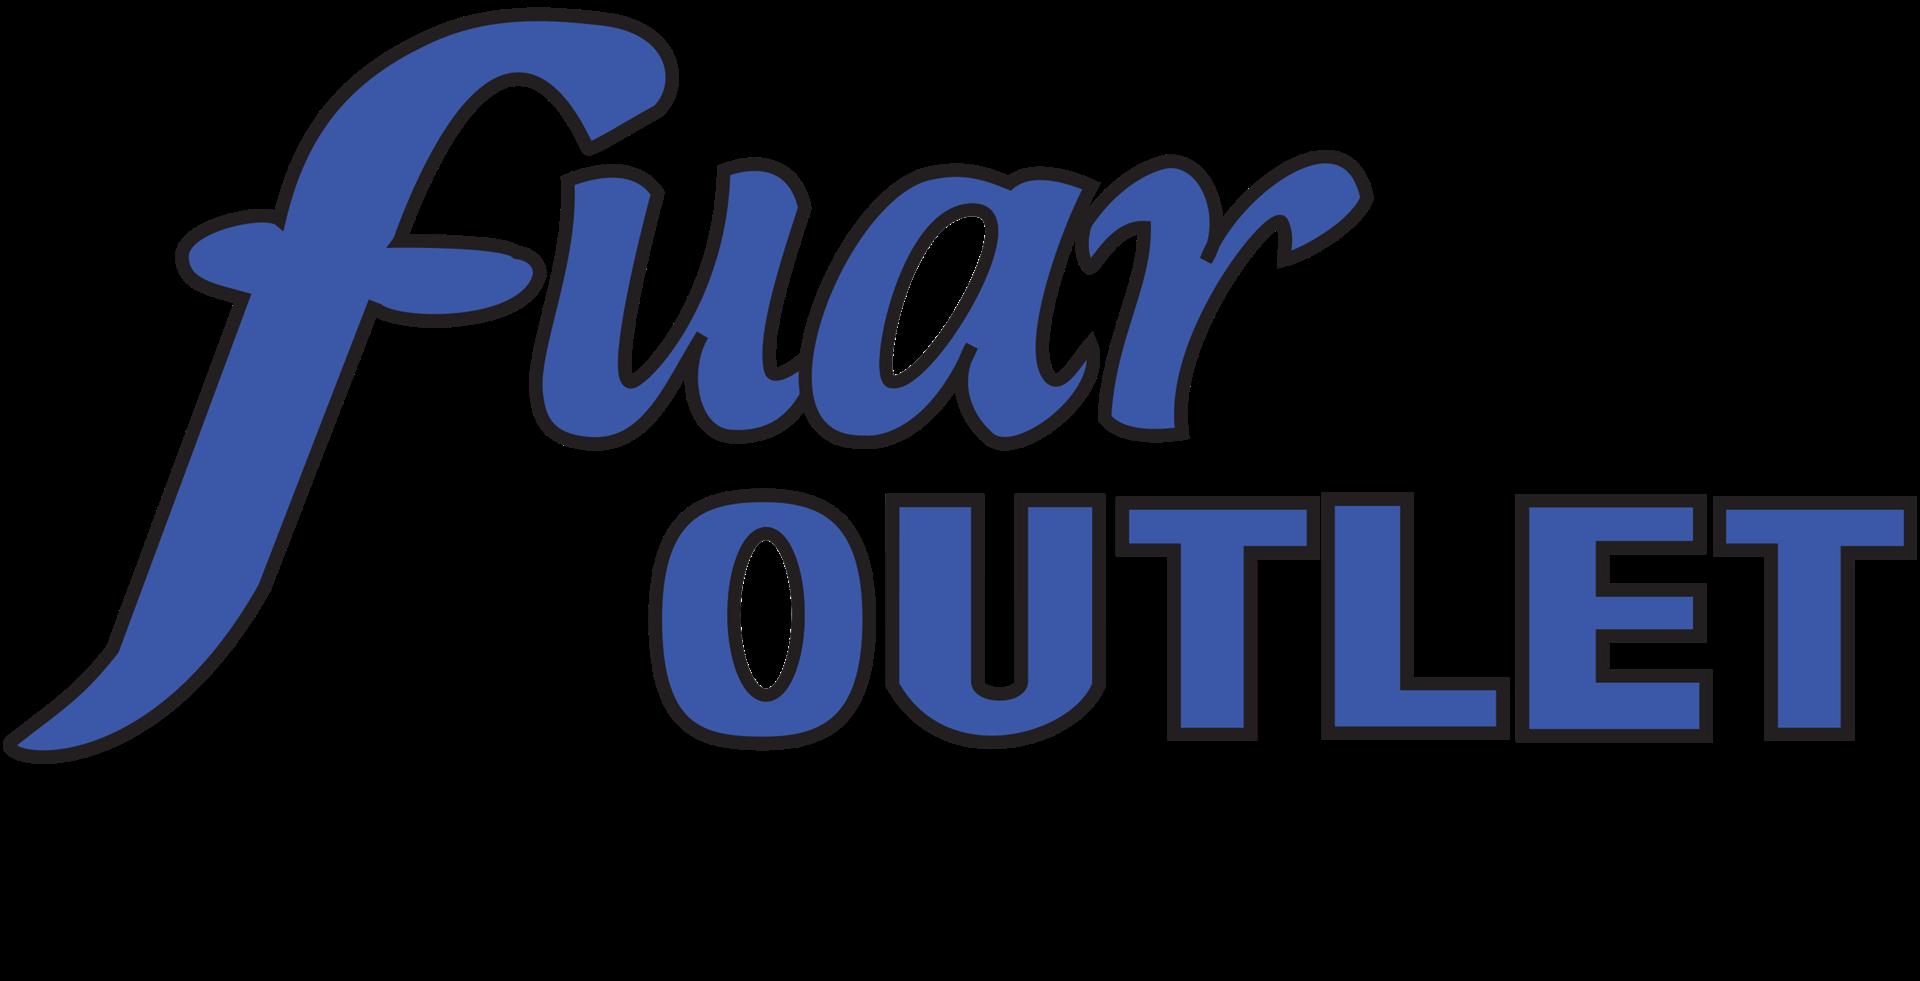 www.fuaroutlet.com